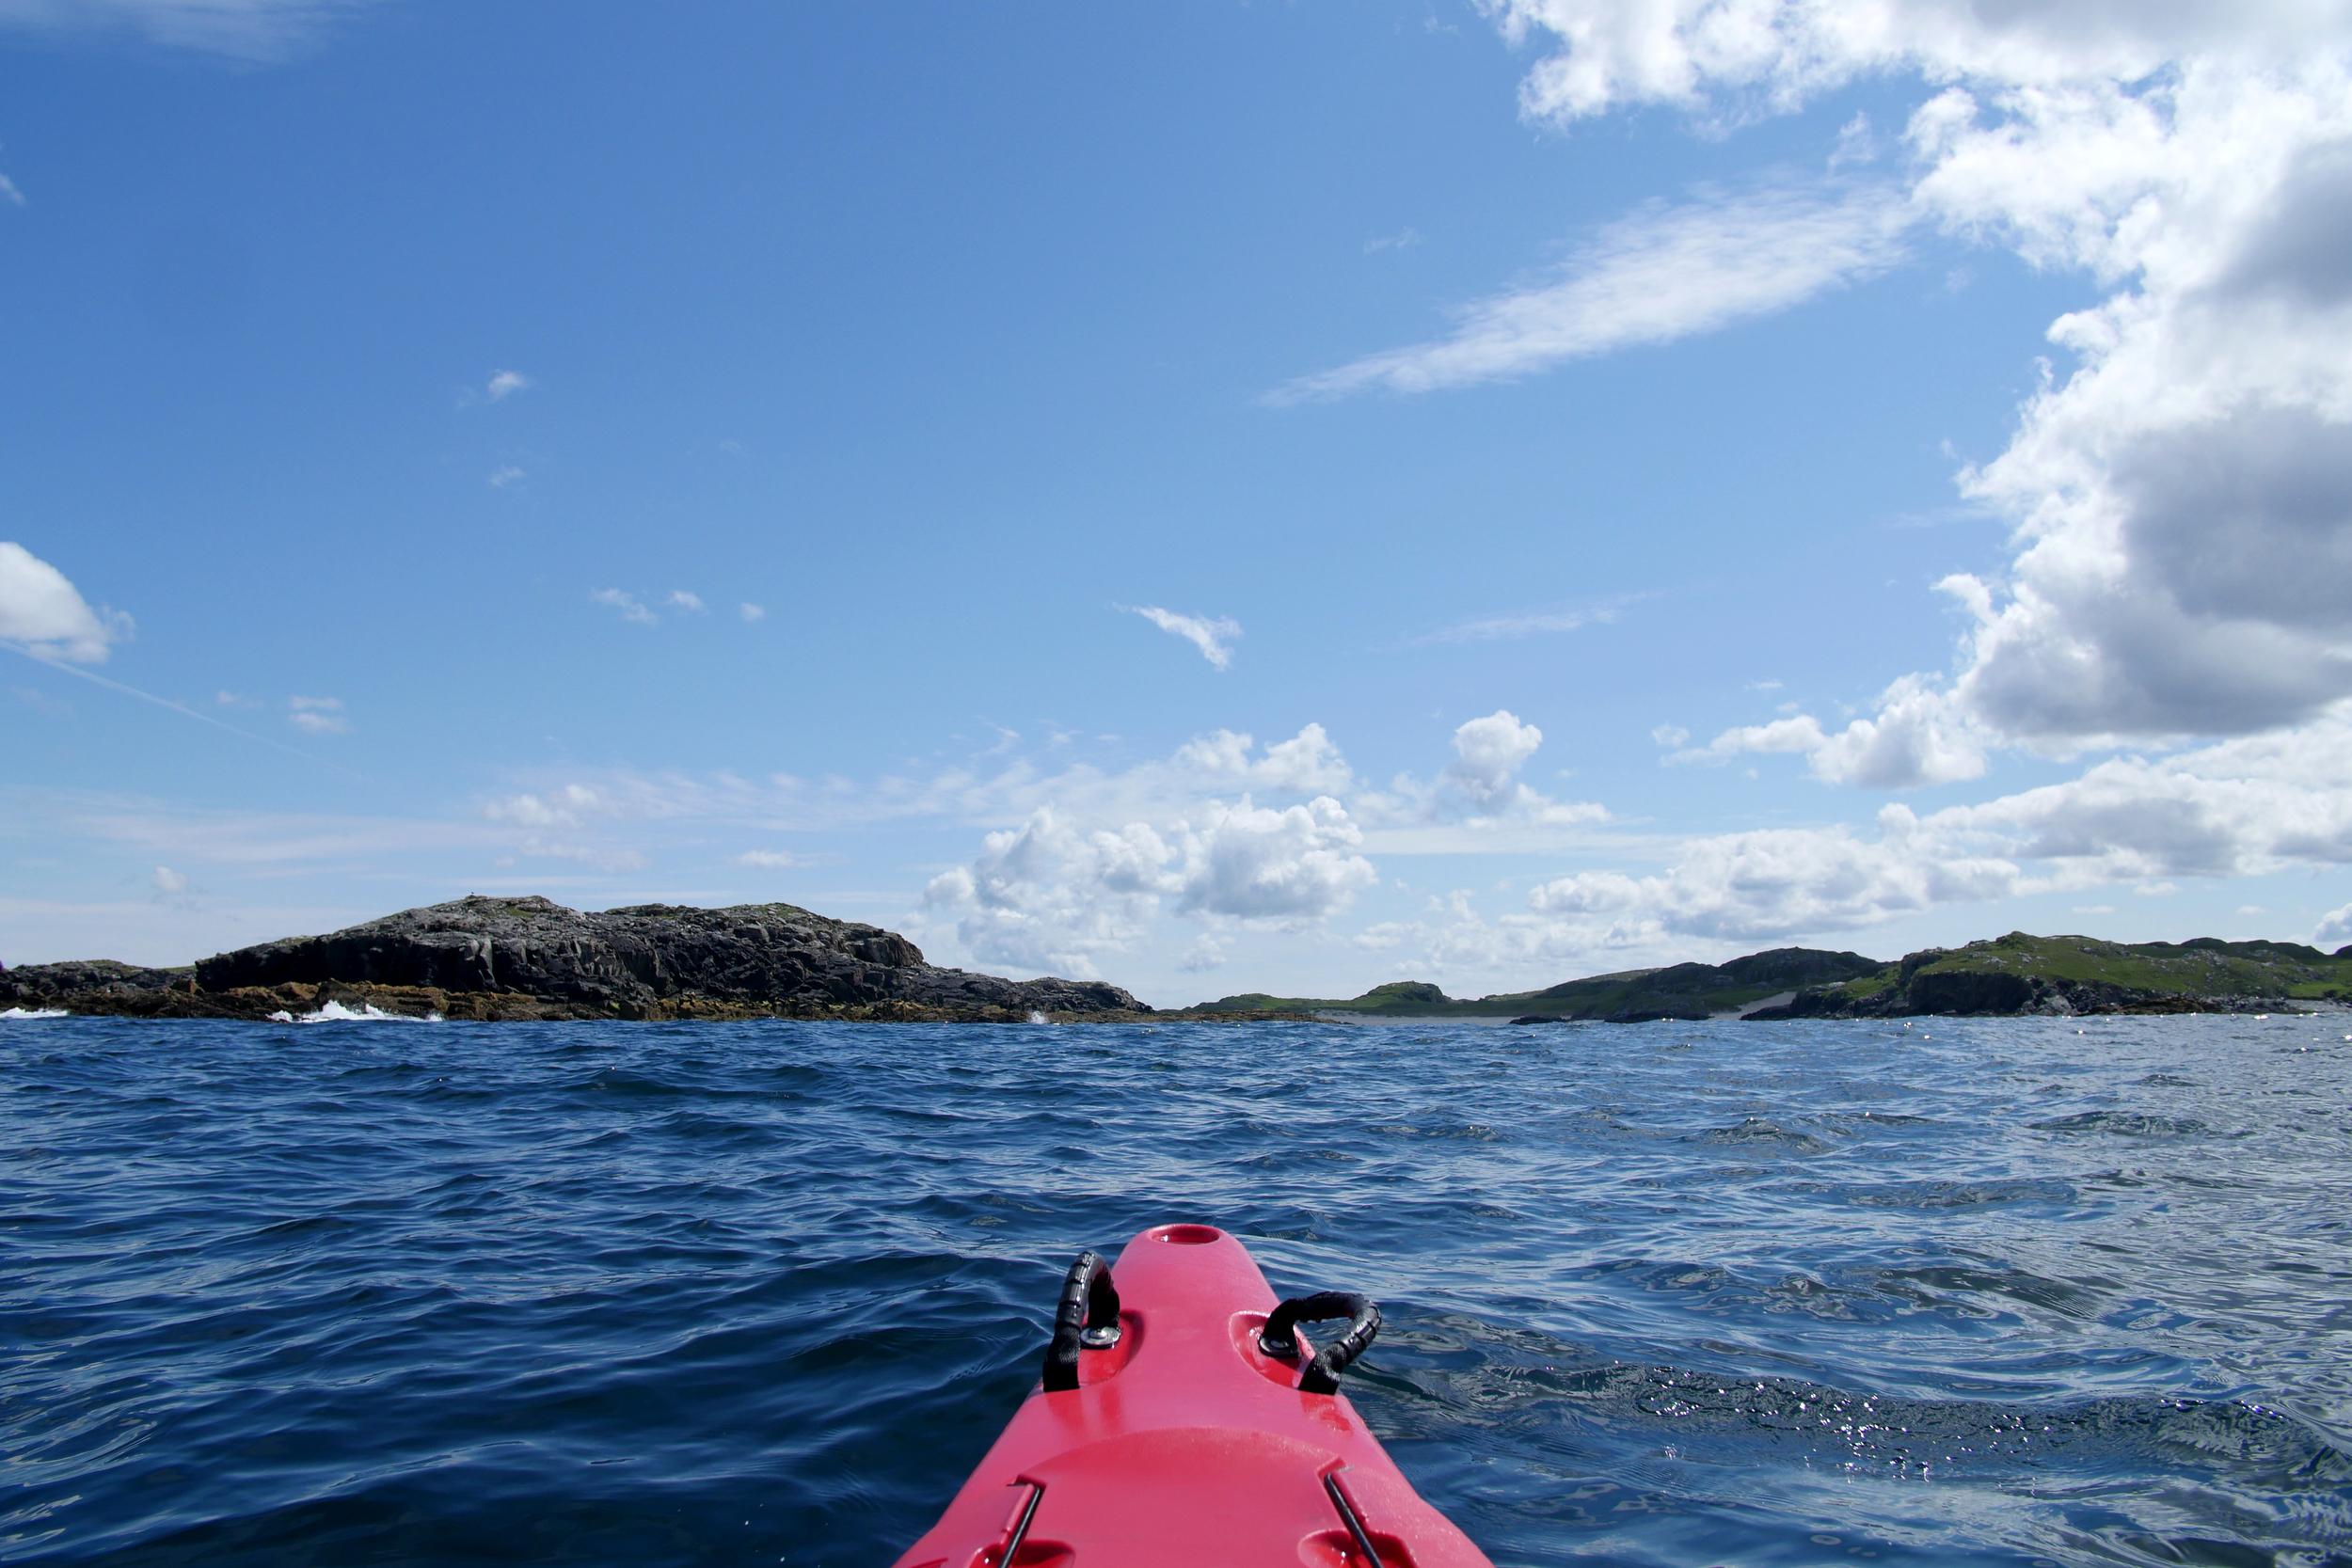 Kayak_1.jpg